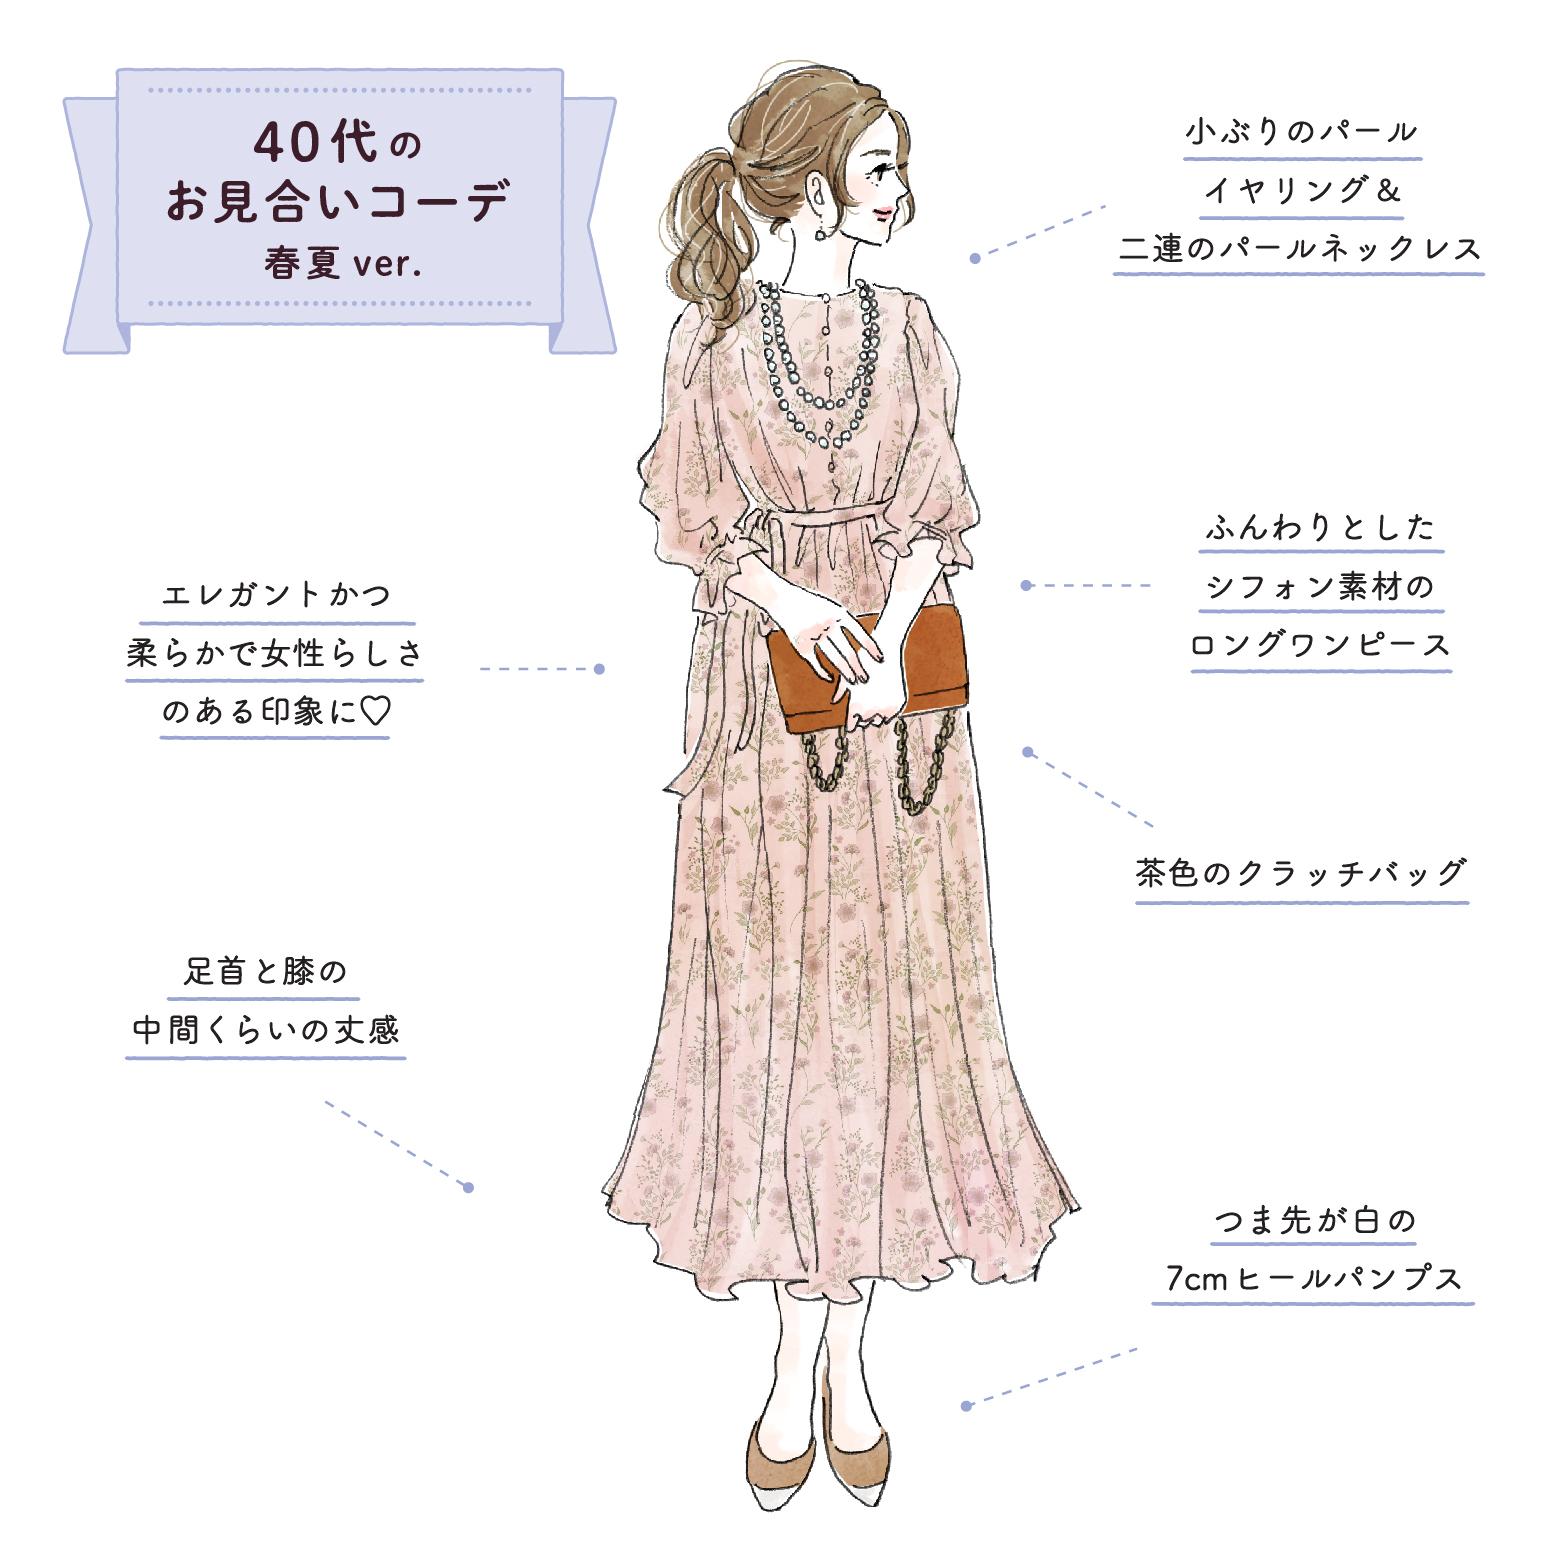 40代女性のお見合いの服装【春夏】